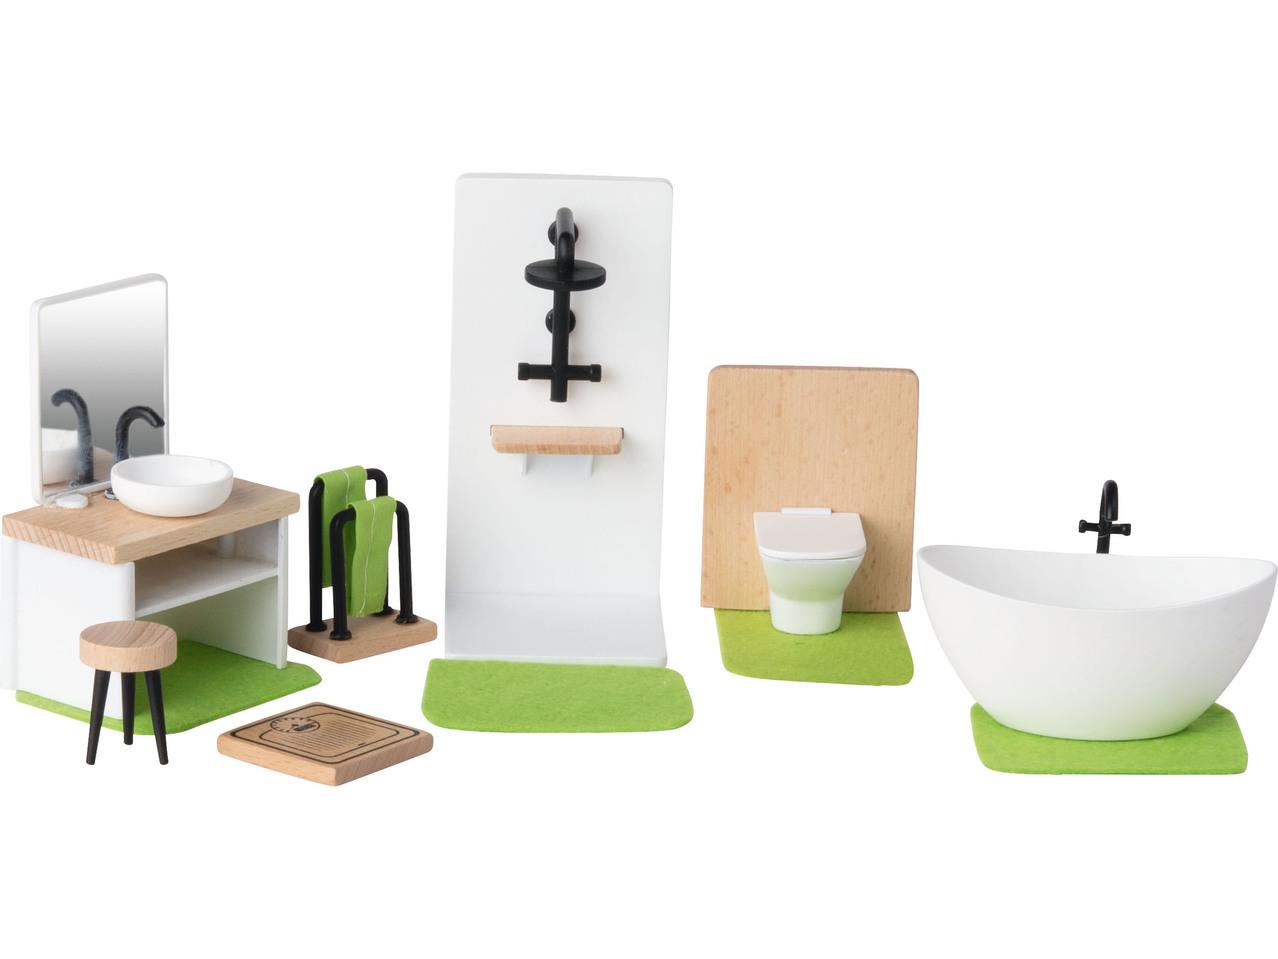 Mobili Per Casa Delle Bambole : Mobili per casa delle barbie come costruire mobili in cartone per